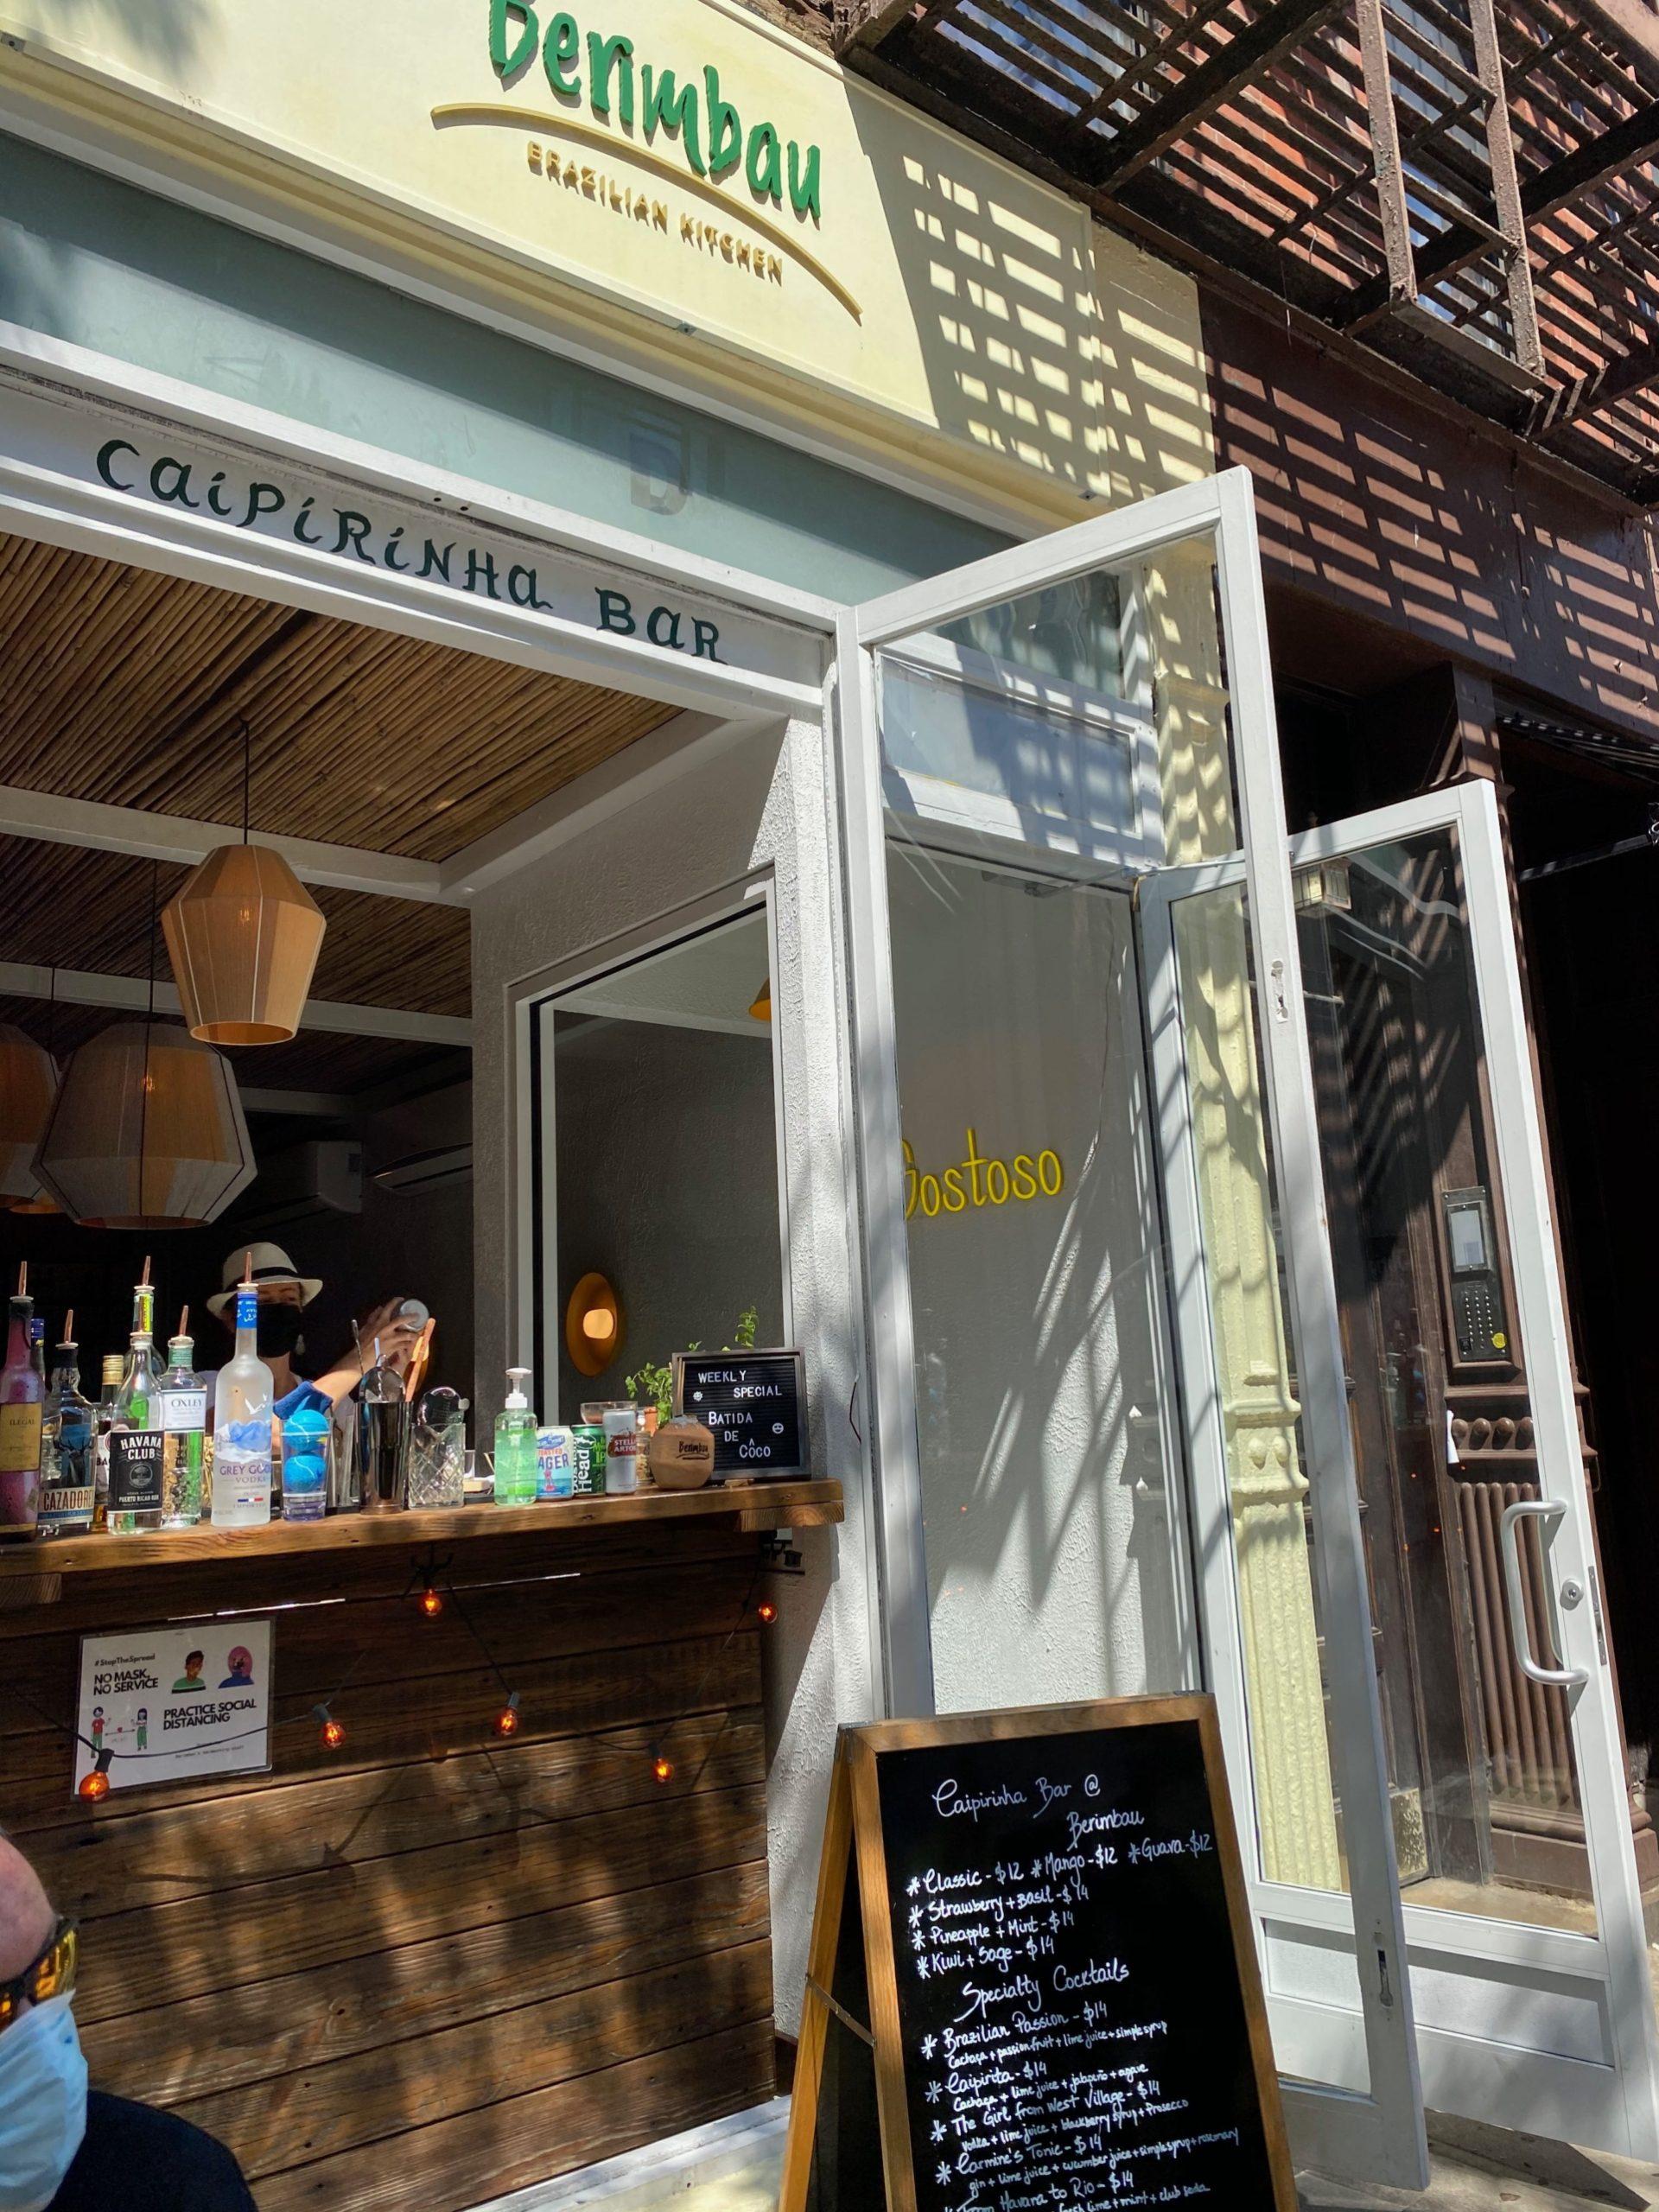 We Found The Best Way To Enjoy Caipirinhas in NYC